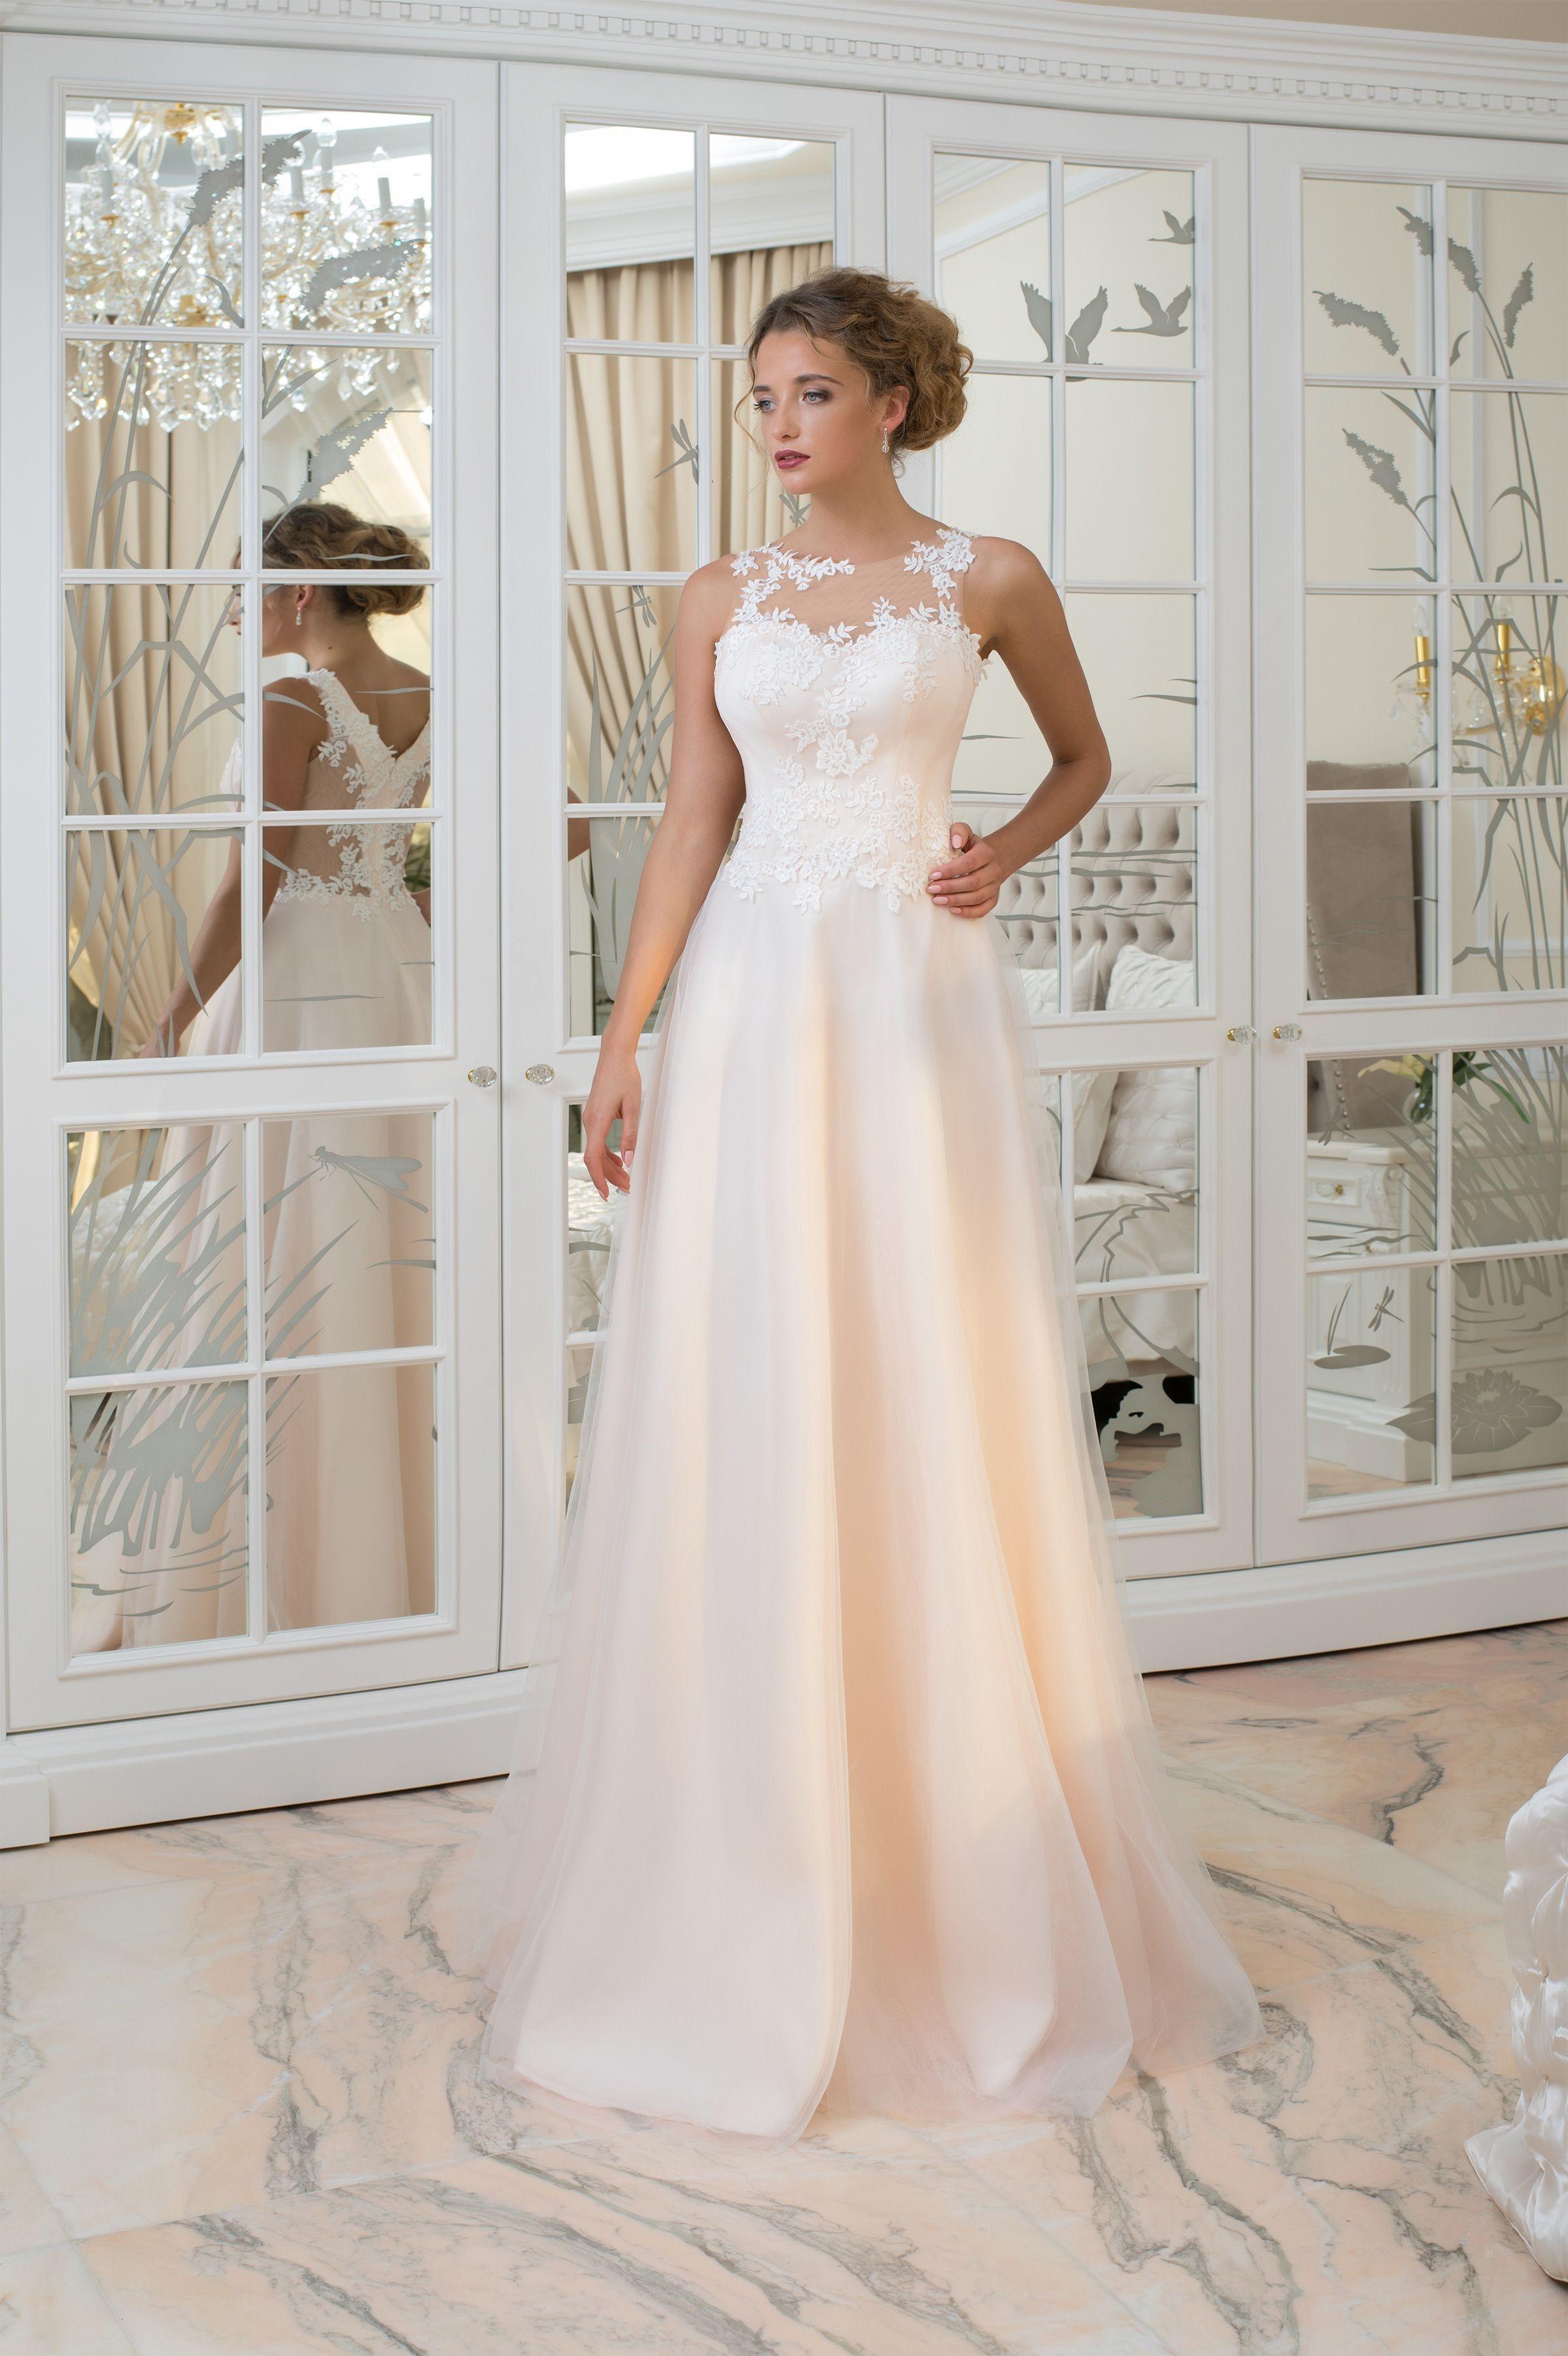 c9290741af01 Krásne svadobné šaty s jednoduchou sukňou a vrškom zdobeným čipkou ...